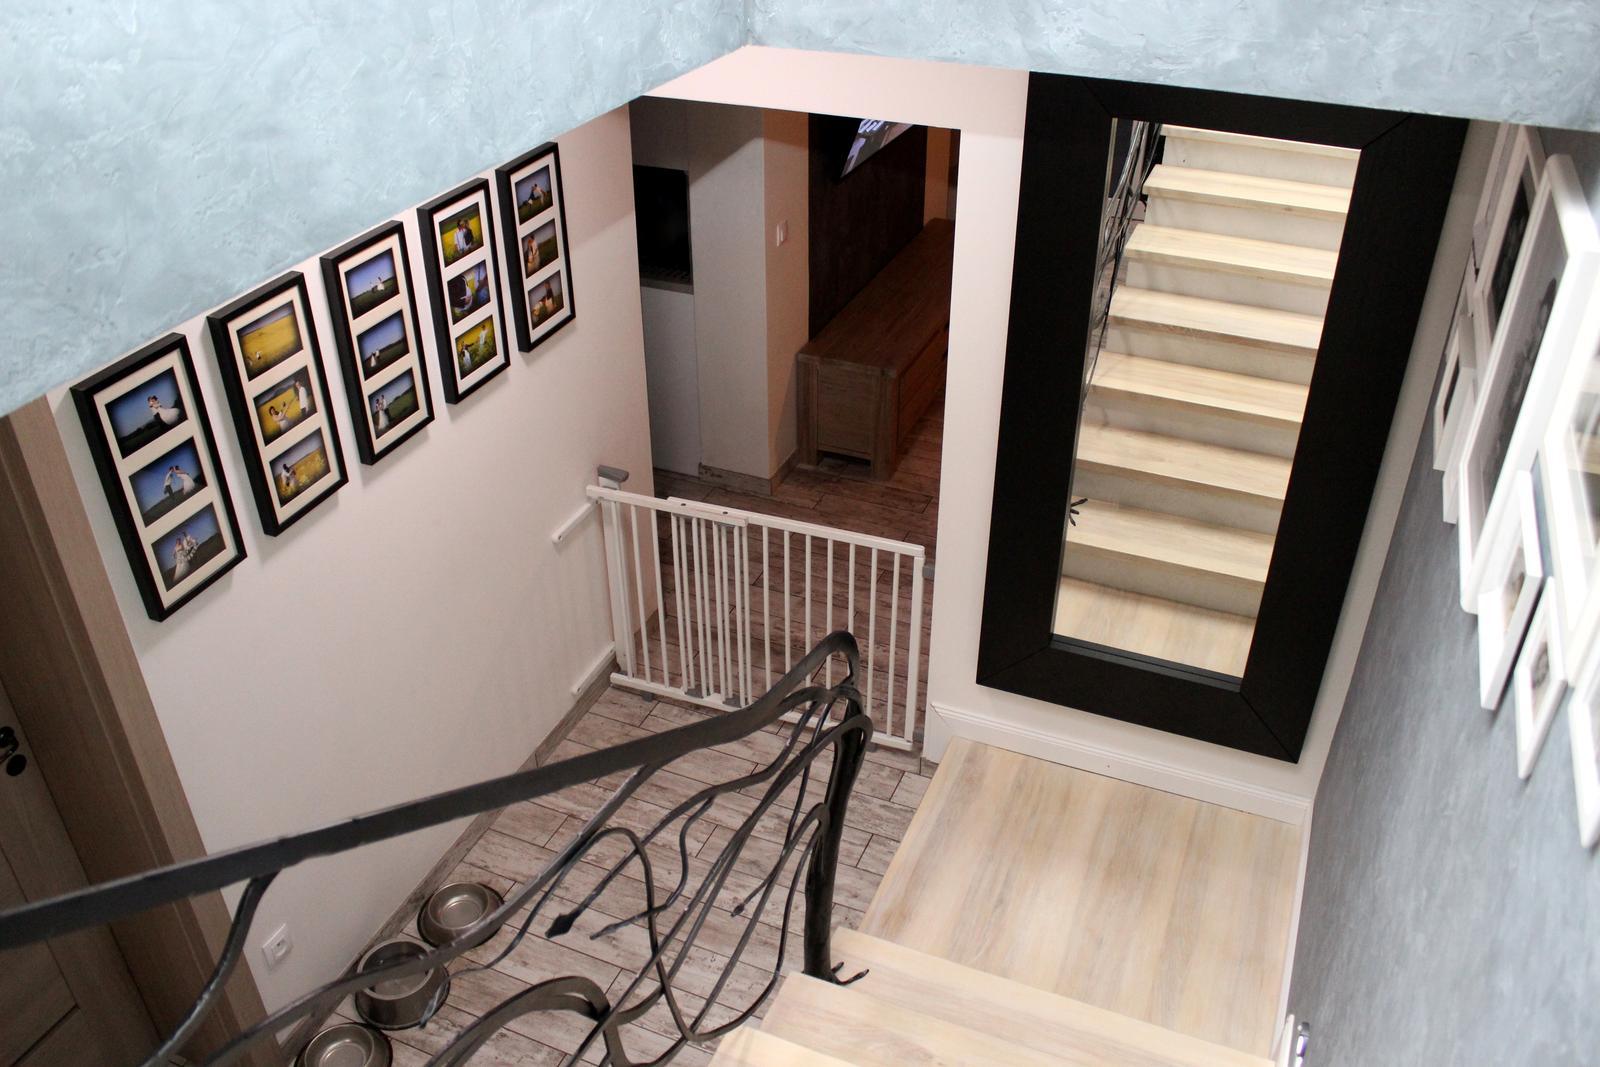 Finální podoba našeho bydlení ... i když člověk nikdy neví ;) - Obrázek č. 14